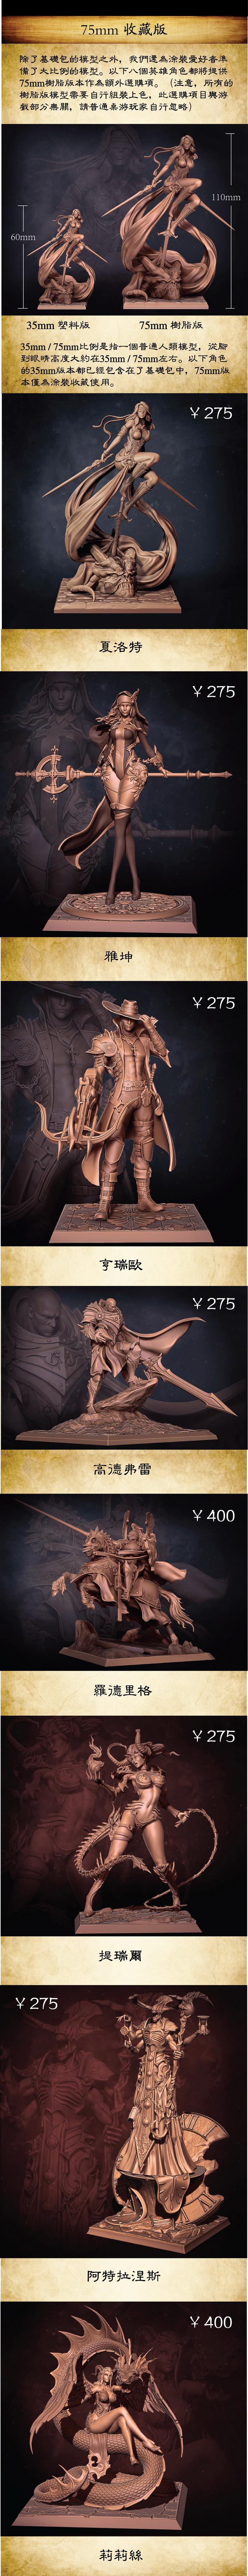 75mm 中文.jpg